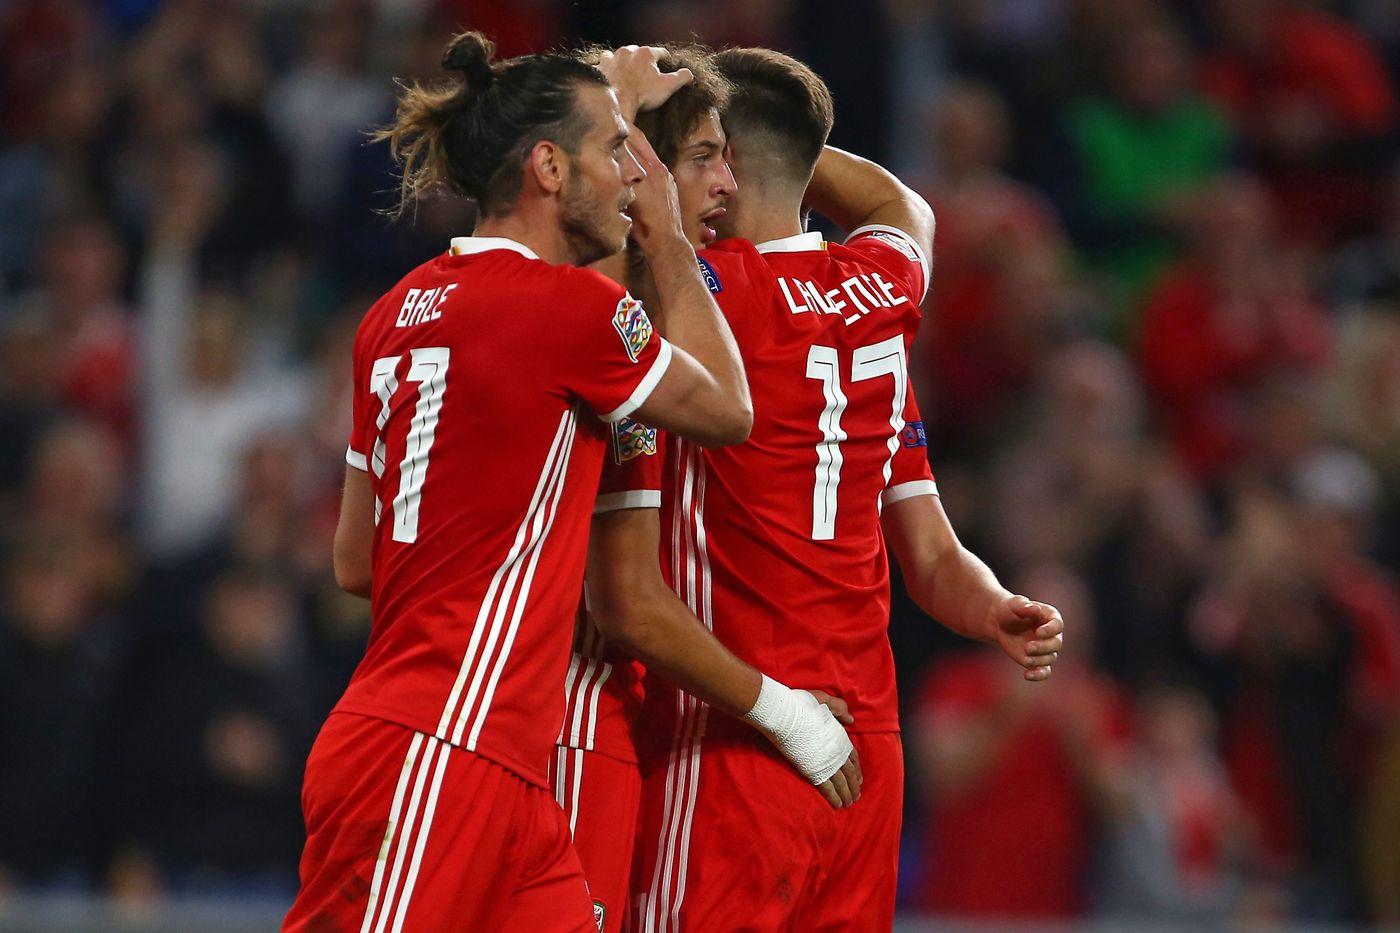 UEFA Nations League, Irlanda-Galles 16 ottobre: analisi e pronostico del torneo calcistico biennale tra Nazionali affiliate alla confederazione europea